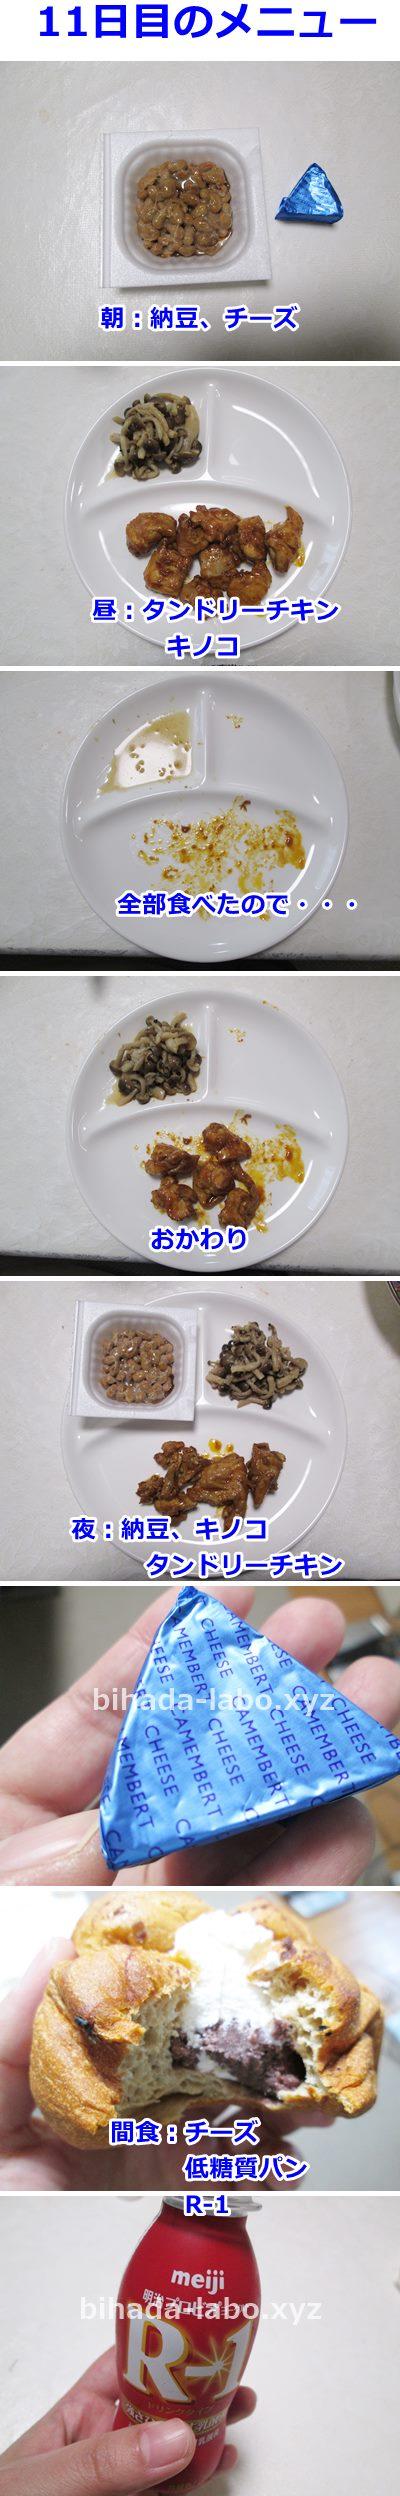 bi-food-11